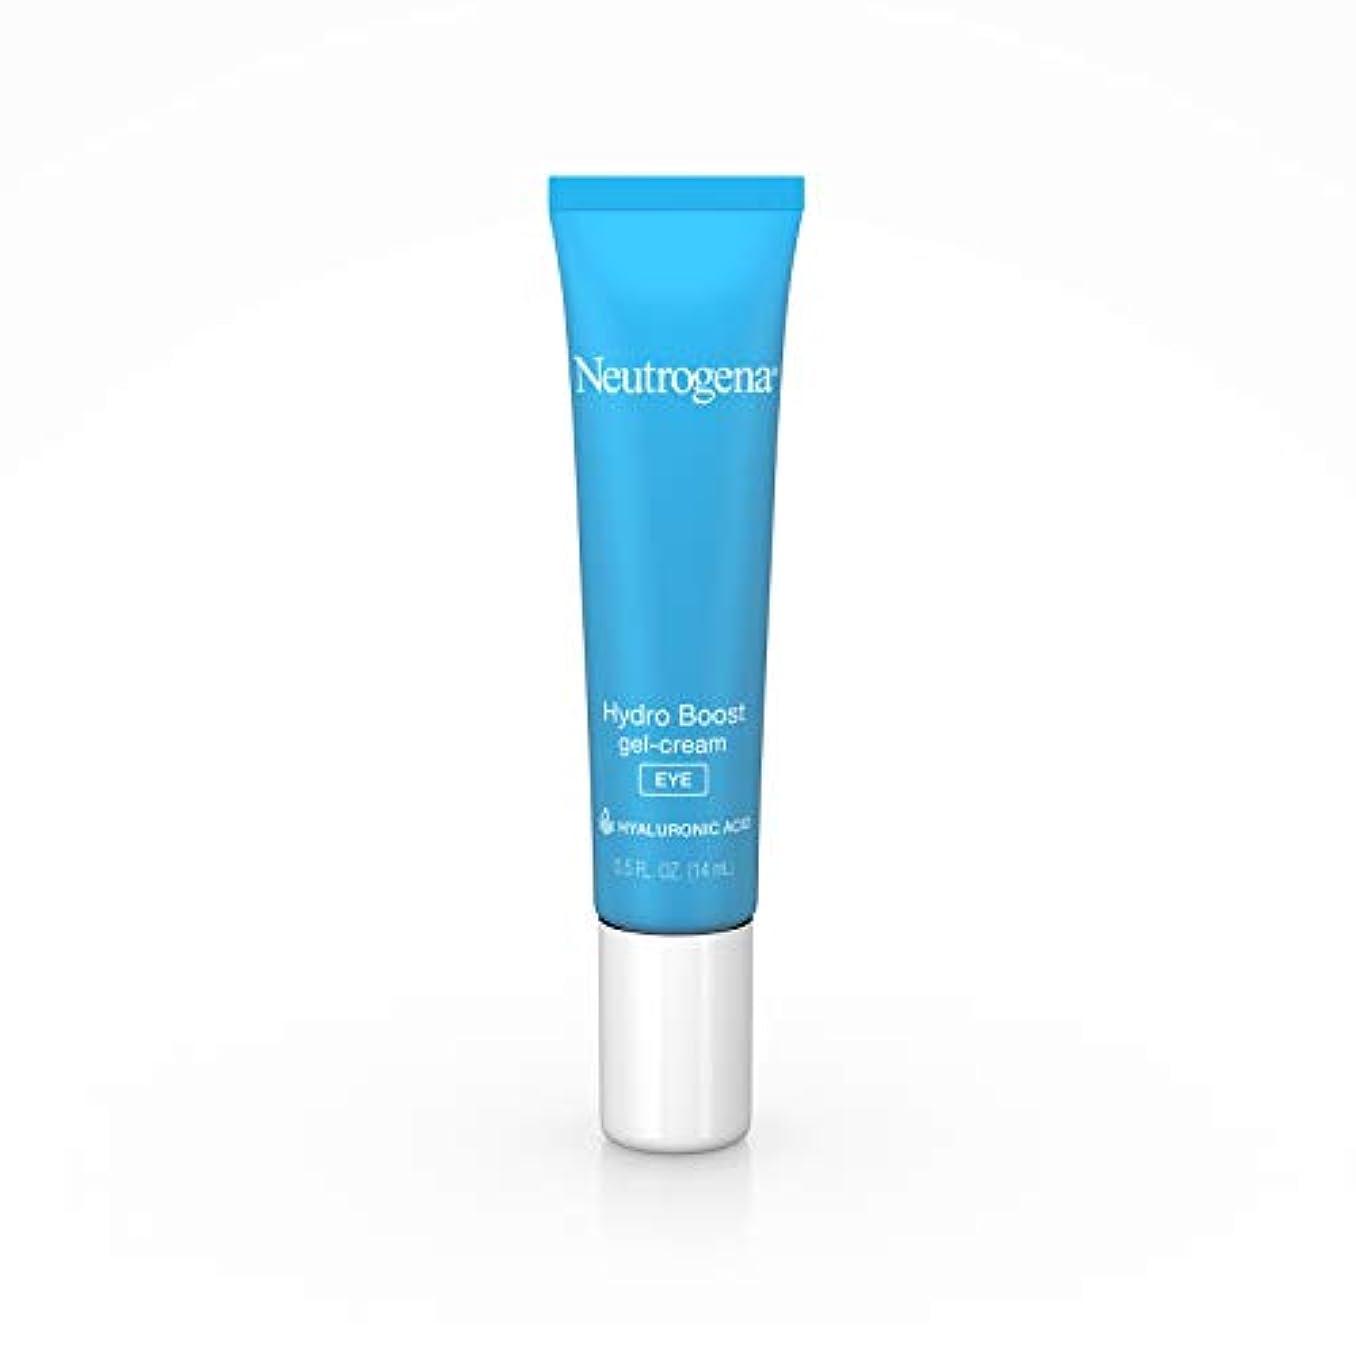 発言する拘束ロードされたNeutrogena Hydro Boost gel-cream、extra-dryスキン